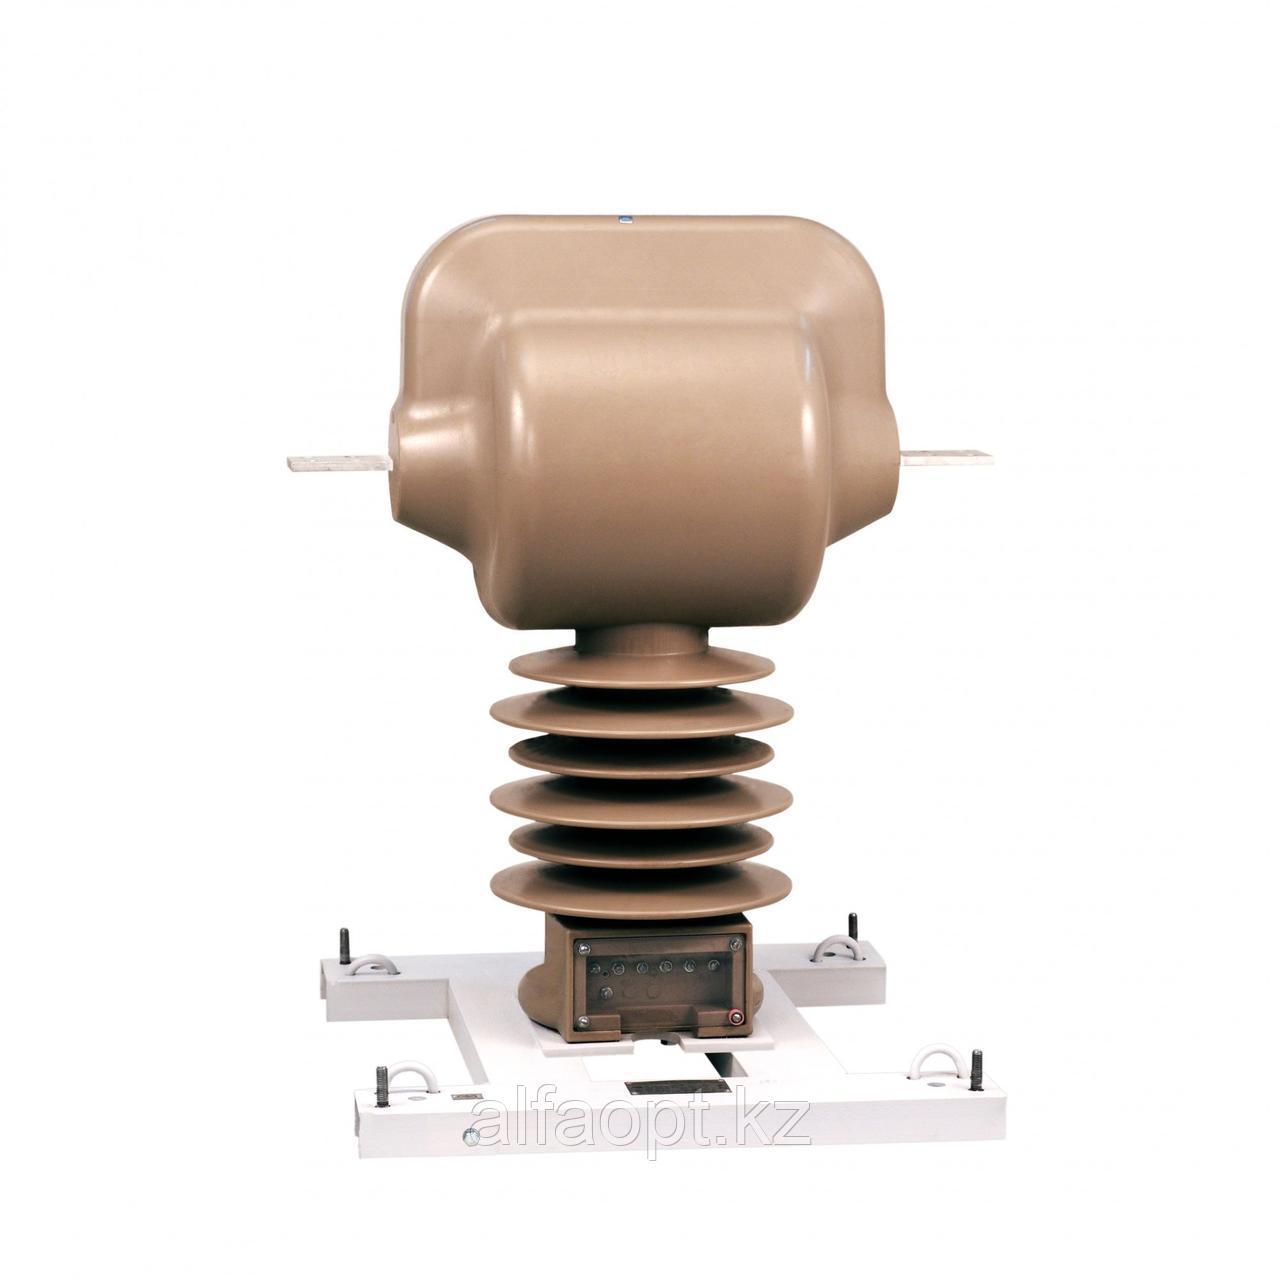 Трансформатор тока ТОЛ-35 III-III